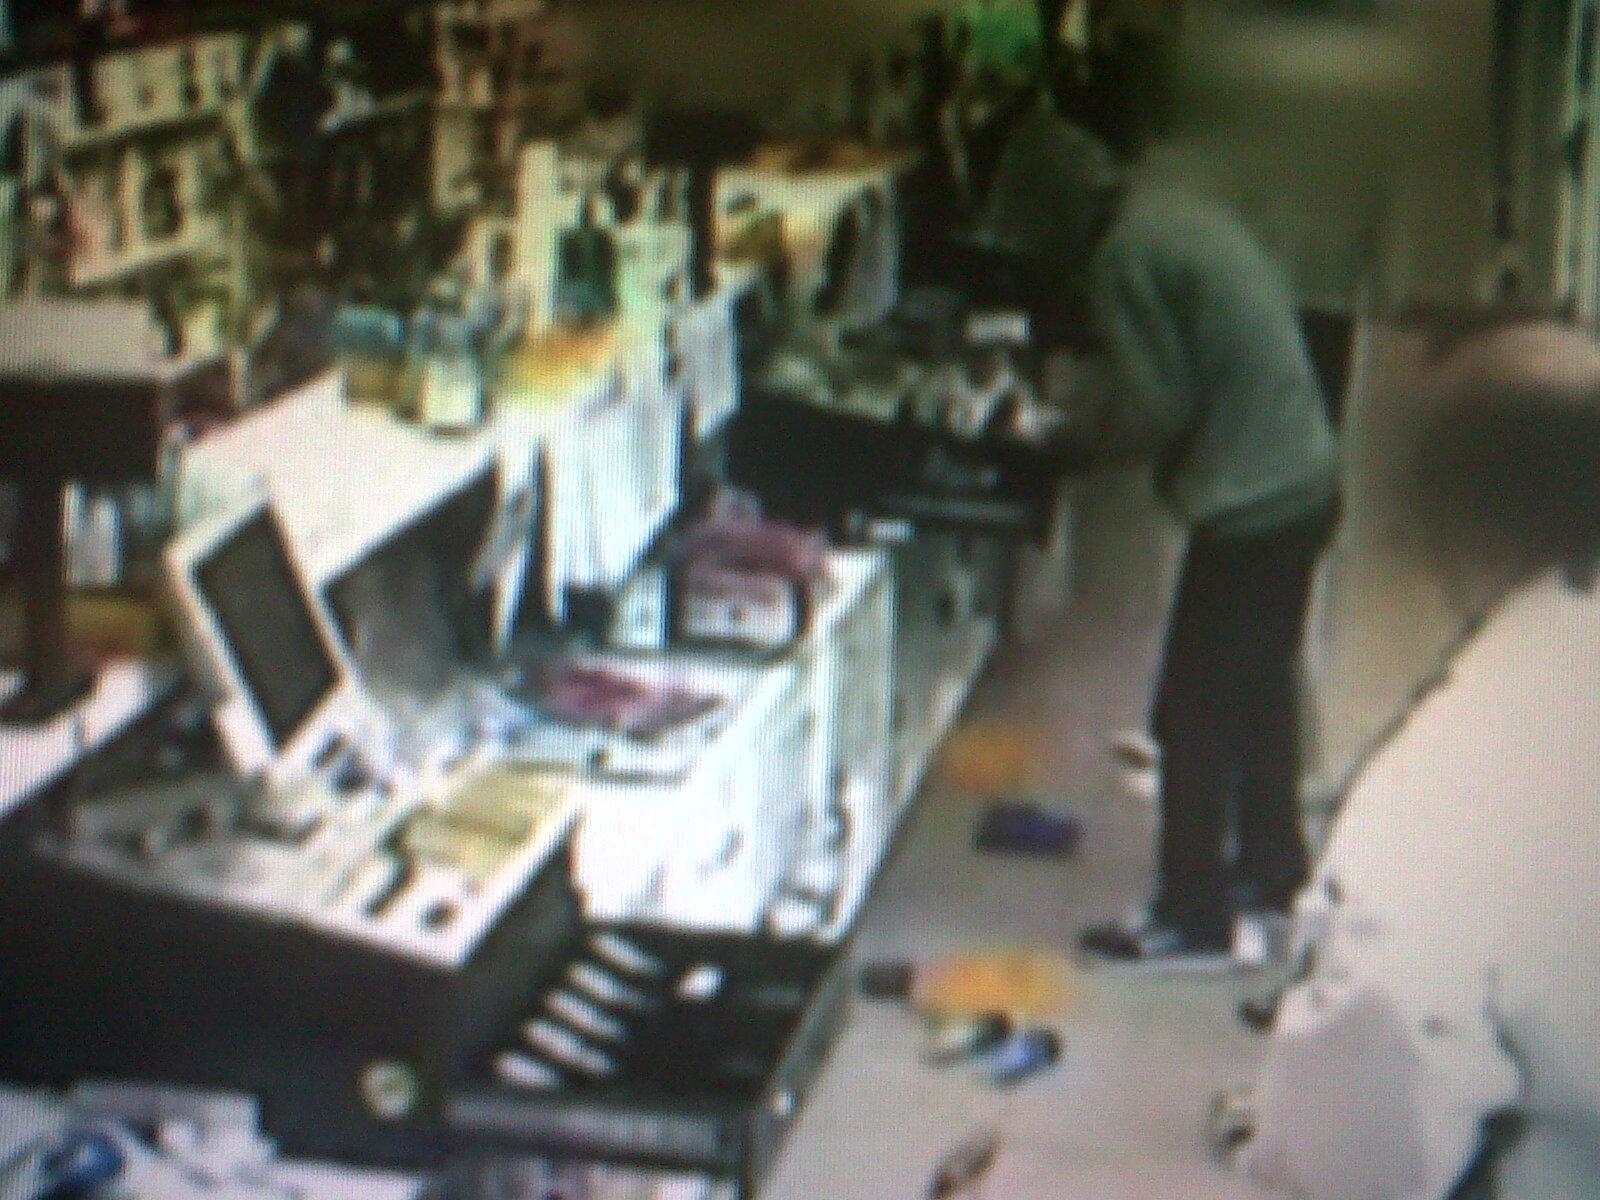 Asaltantes roban en céntrica farmacia de Vallenar